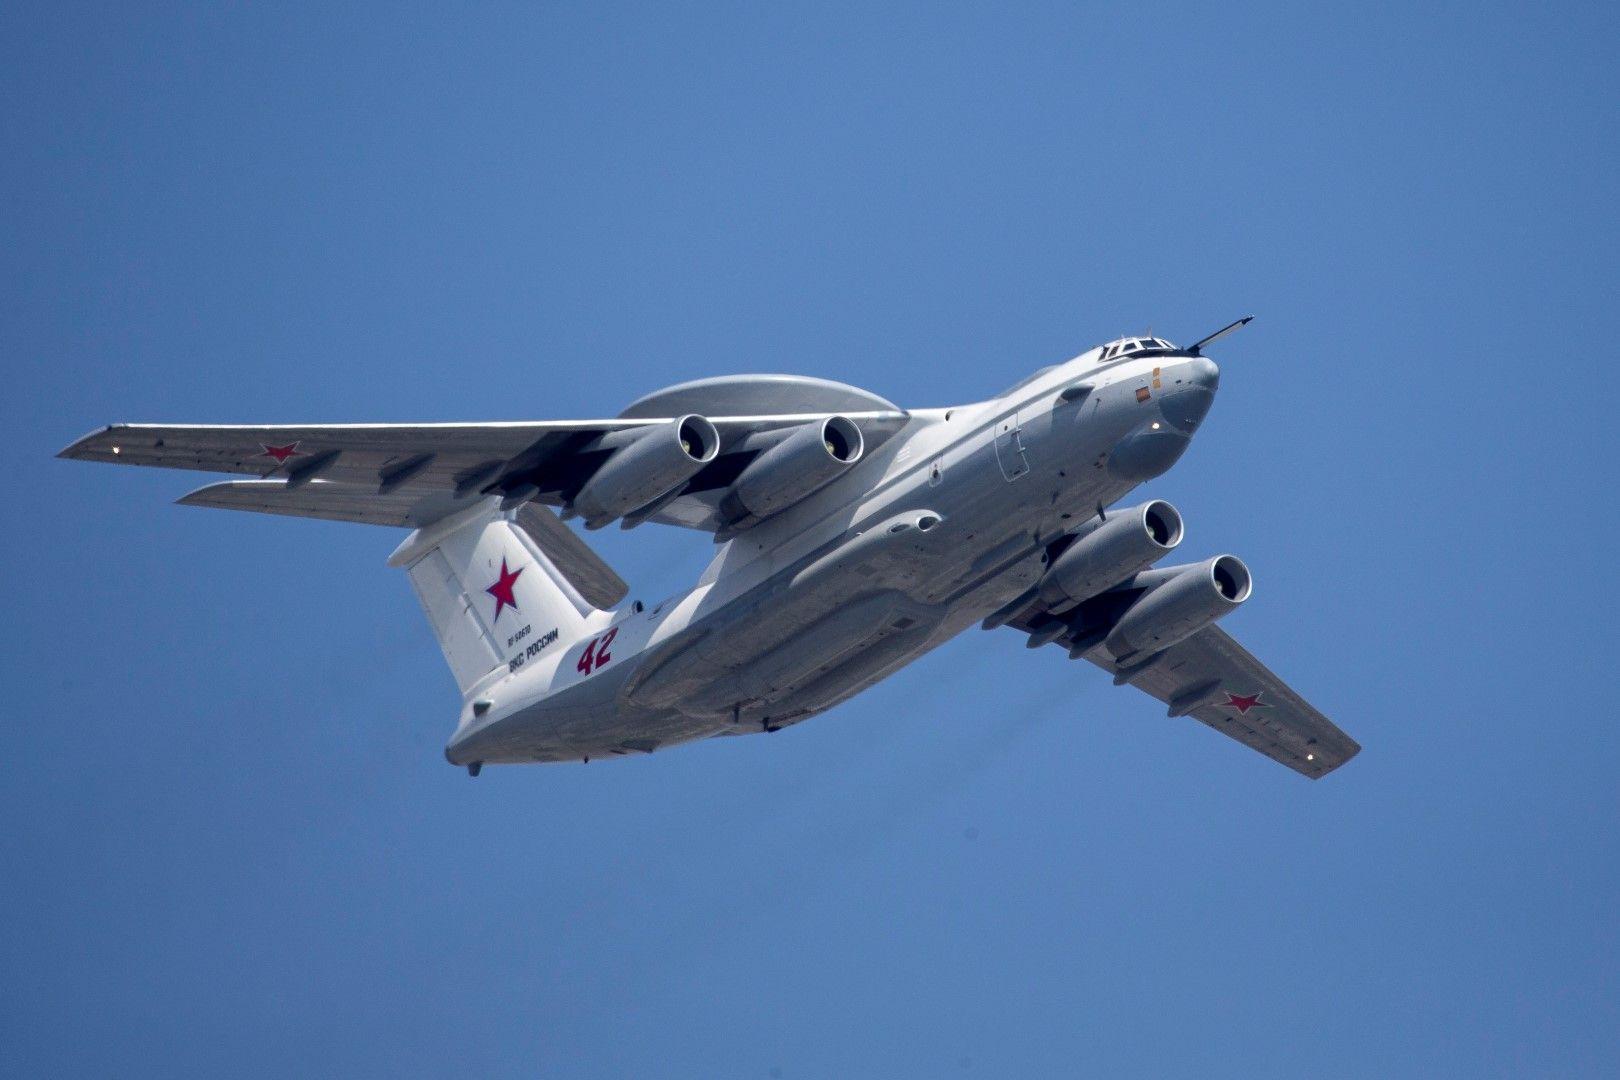 Руски военен самолет Бериев А-50 (Beriev A-50) за далечно радиолокационно откриване и управление е водел руските машини